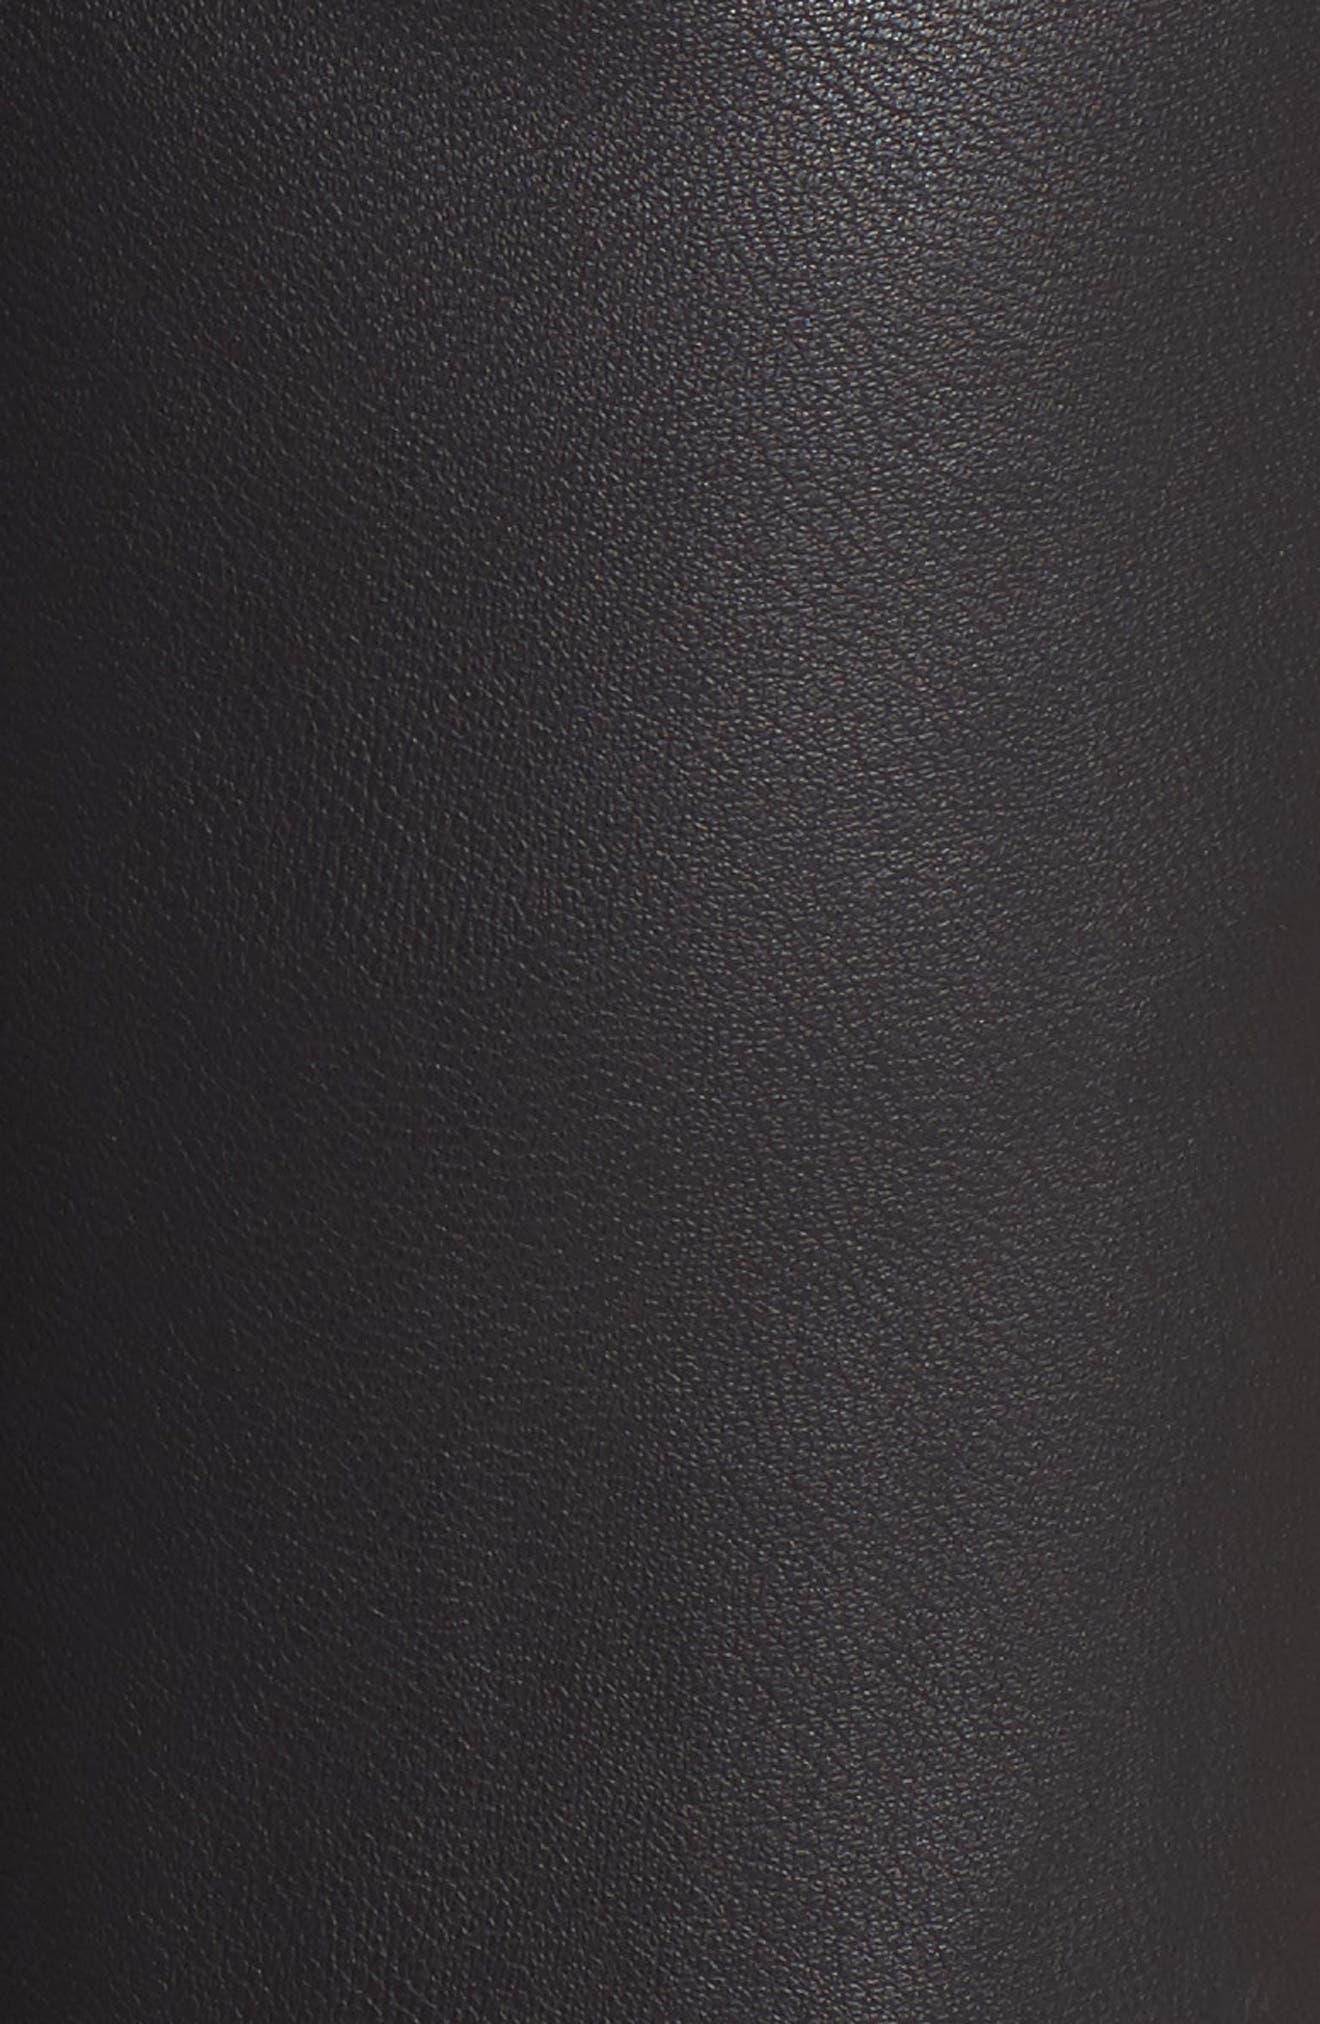 Varick Wide Leg Faux Leather Culottes,                             Alternate thumbnail 5, color,                             Black